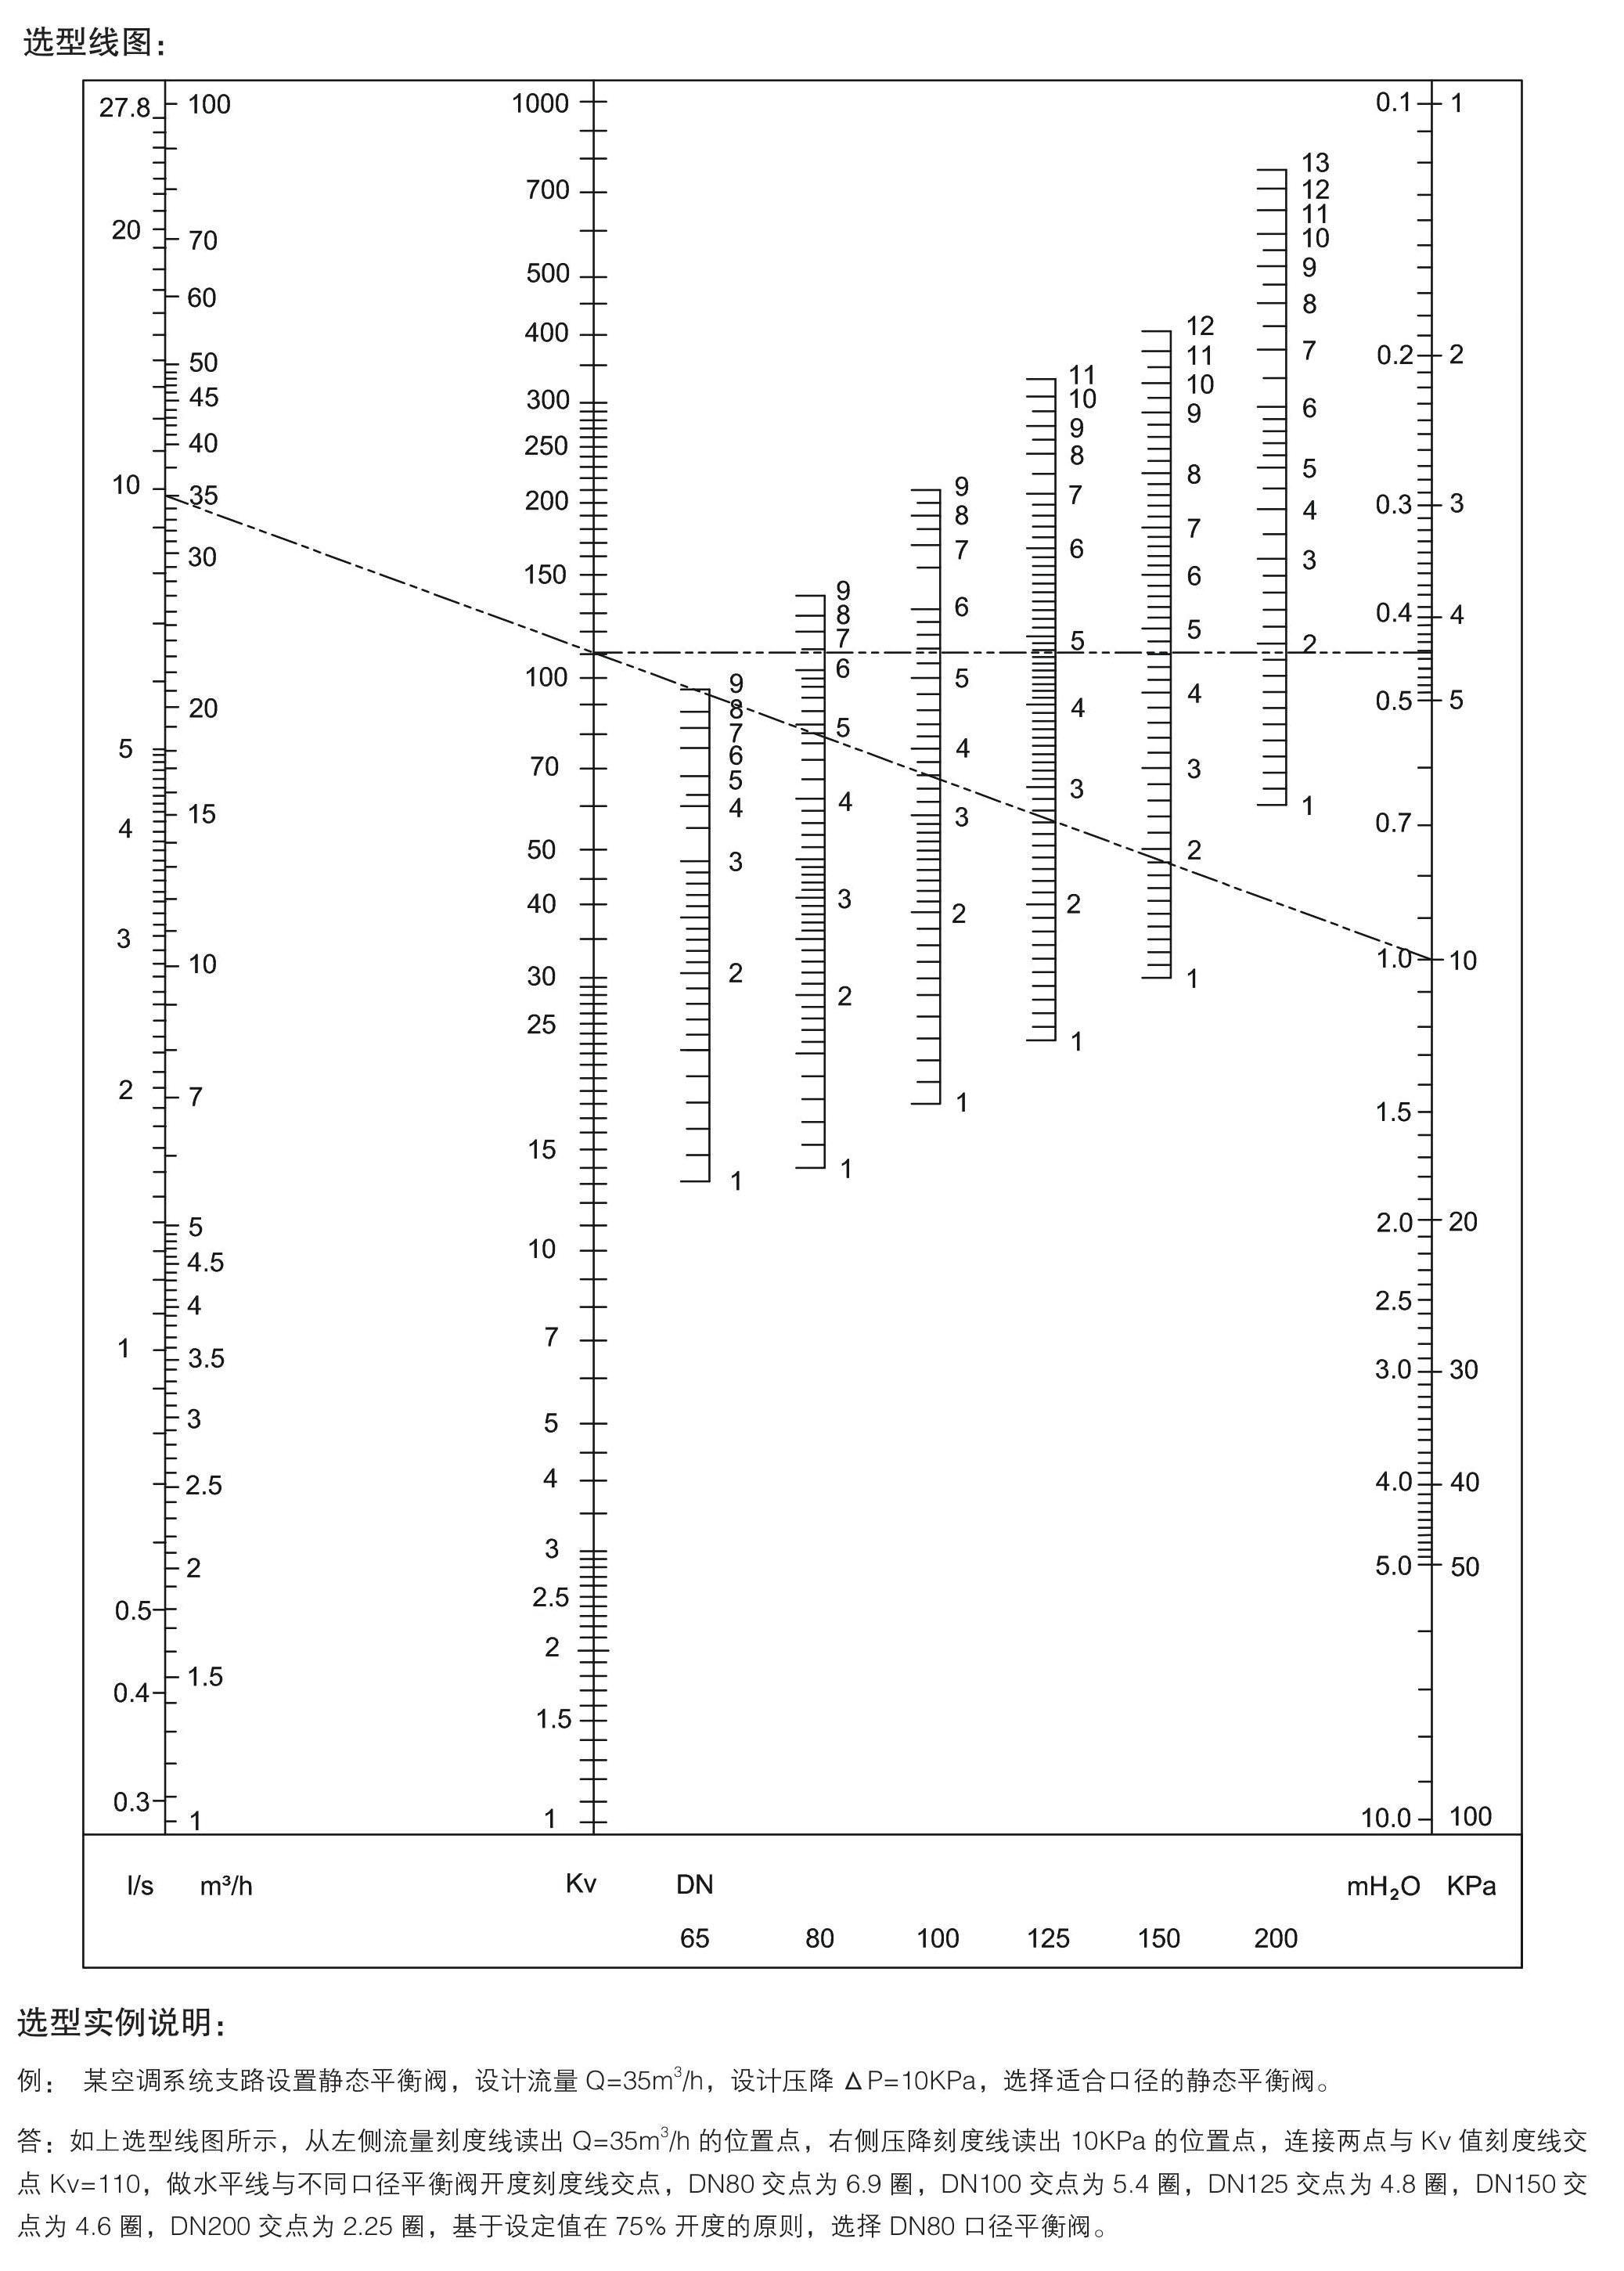 w-stbv-16q (dn65-dn500)